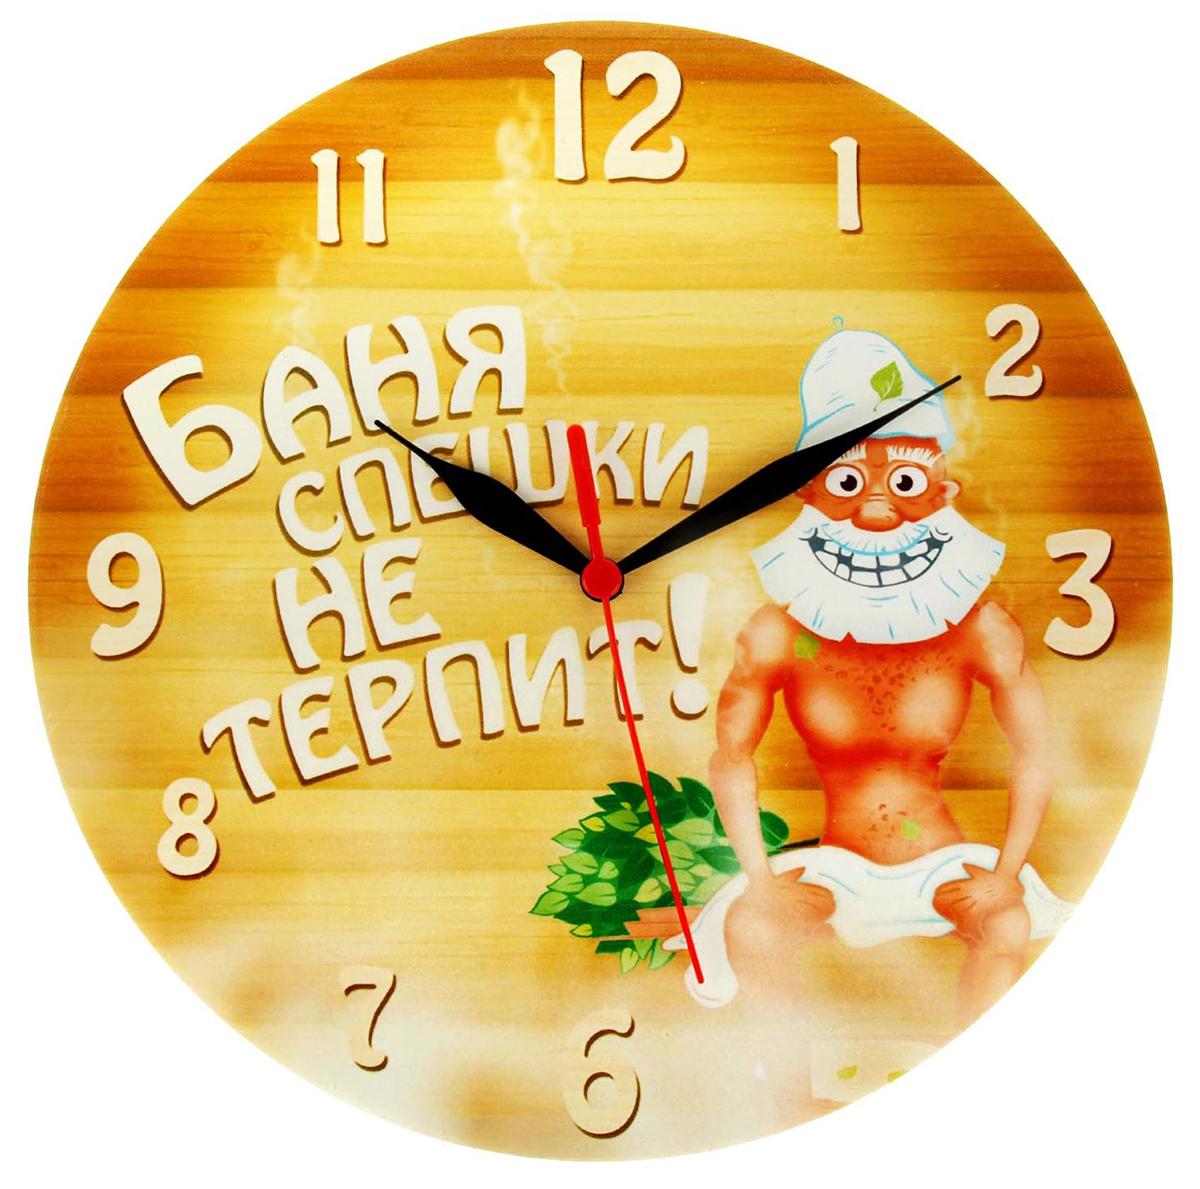 """Часы настенные банные """"Баня спешки не терпит"""", 27 х 28 см"""